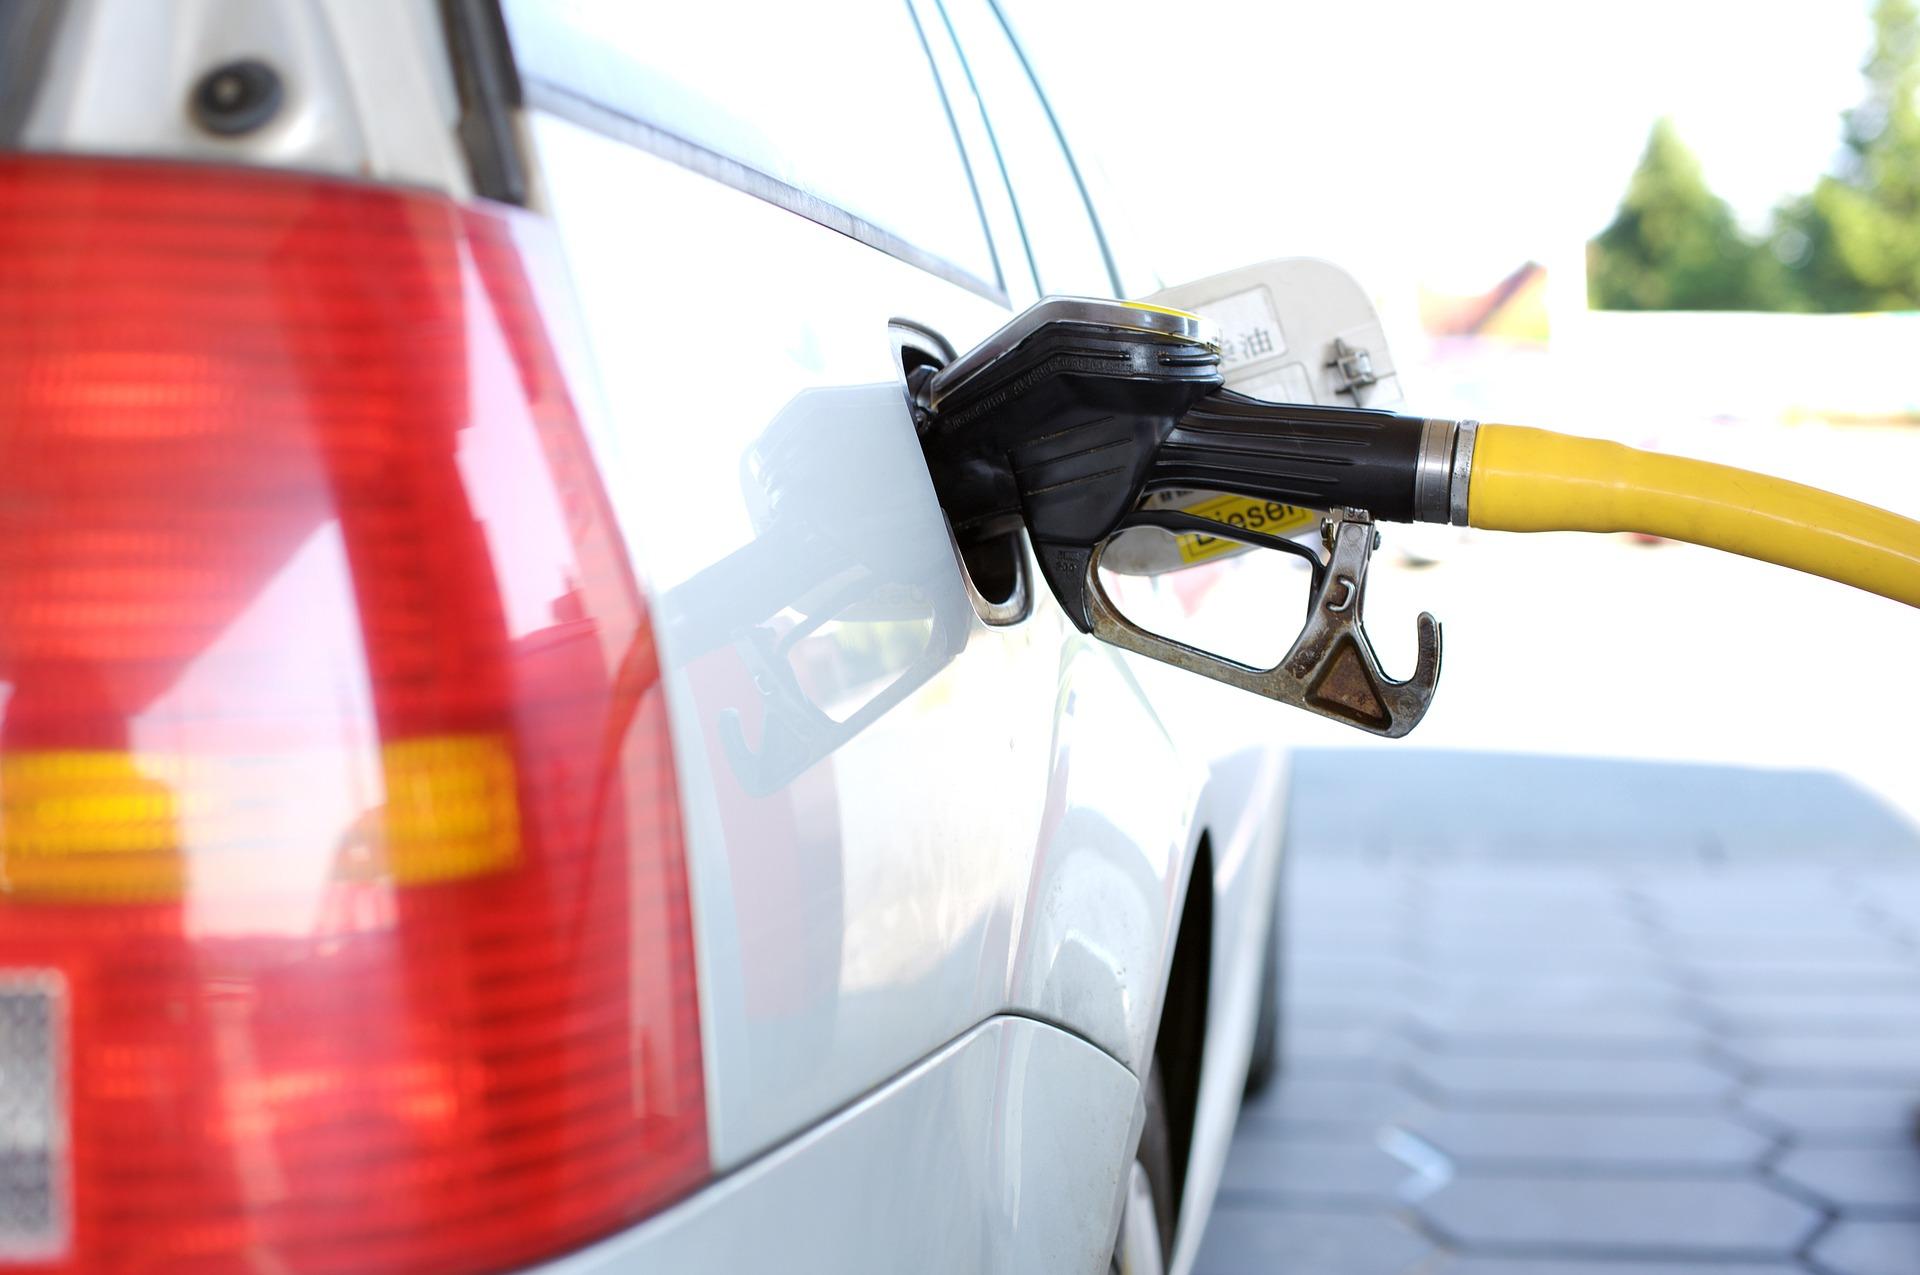 Benzinpreis nähert sich psychologischer Grenze von 500 Forint an